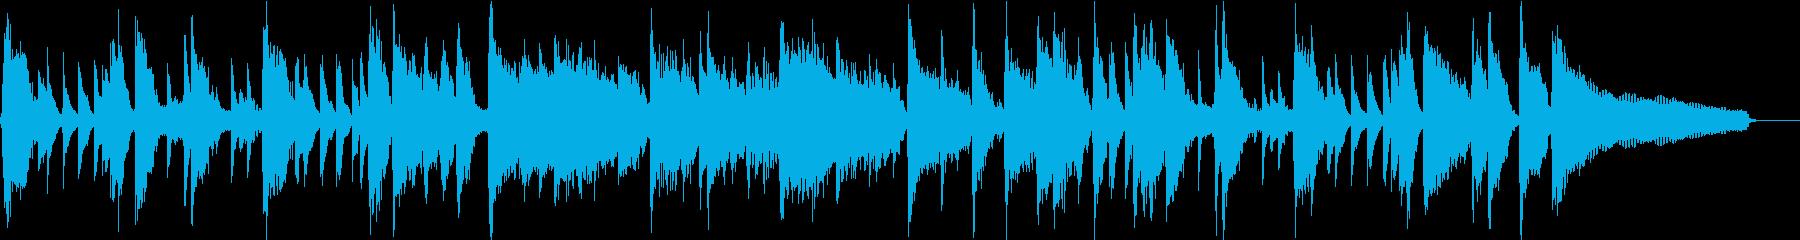 30秒】明るくポップ、ノリの良いピアノの再生済みの波形